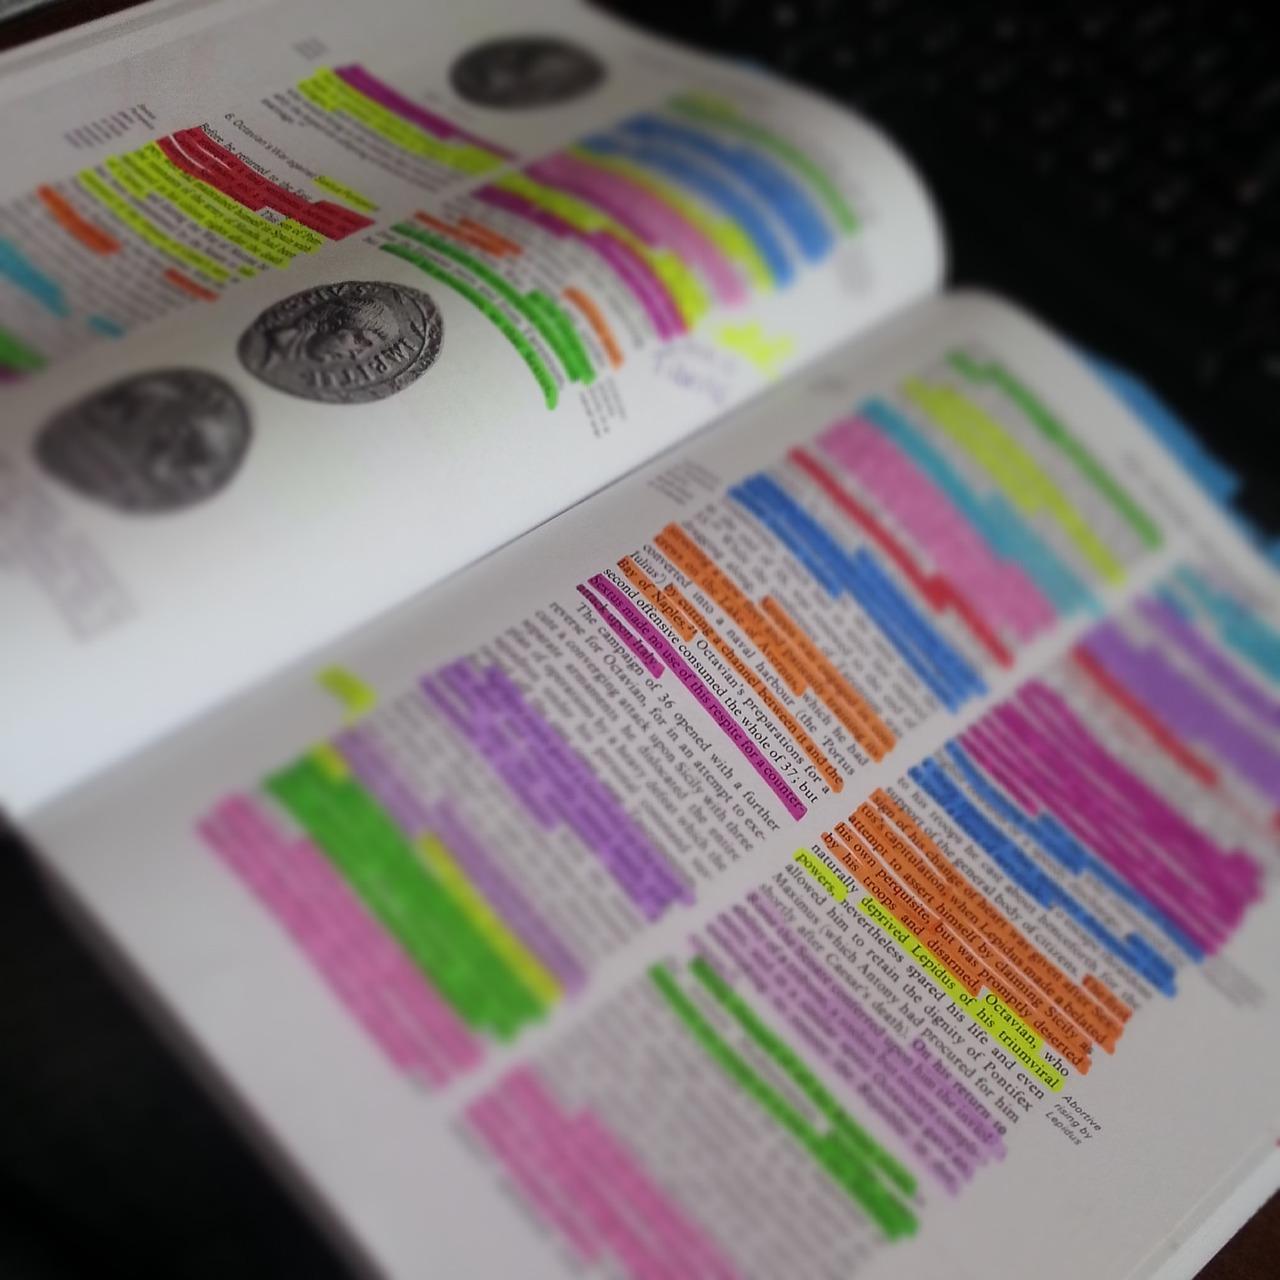 book-845280_1280.jpg